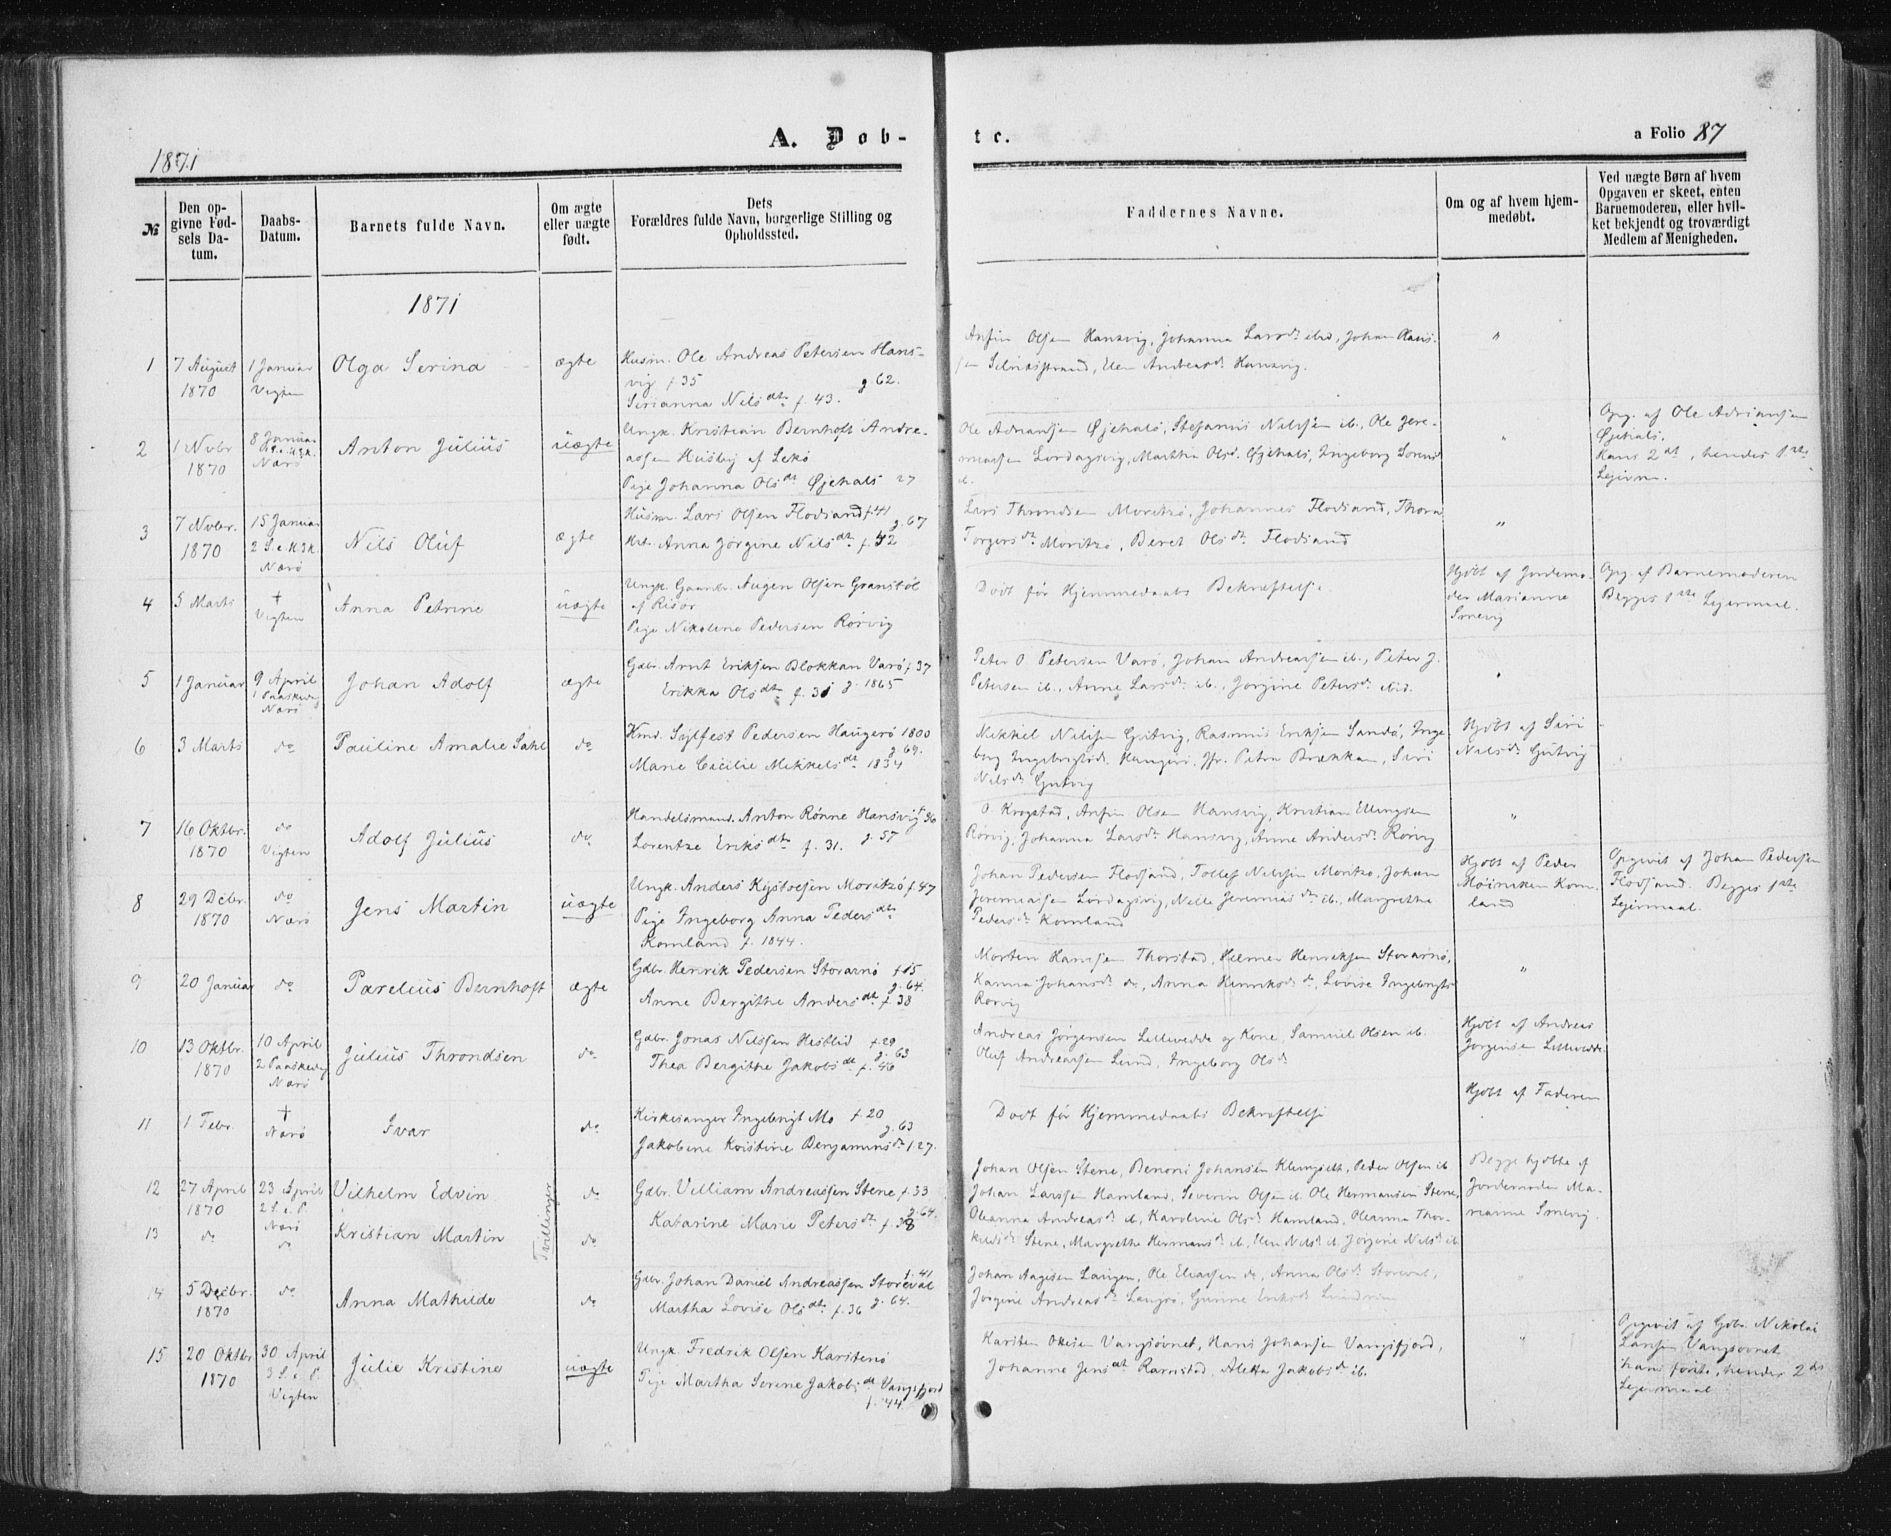 SAT, Ministerialprotokoller, klokkerbøker og fødselsregistre - Nord-Trøndelag, 784/L0670: Ministerialbok nr. 784A05, 1860-1876, s. 87